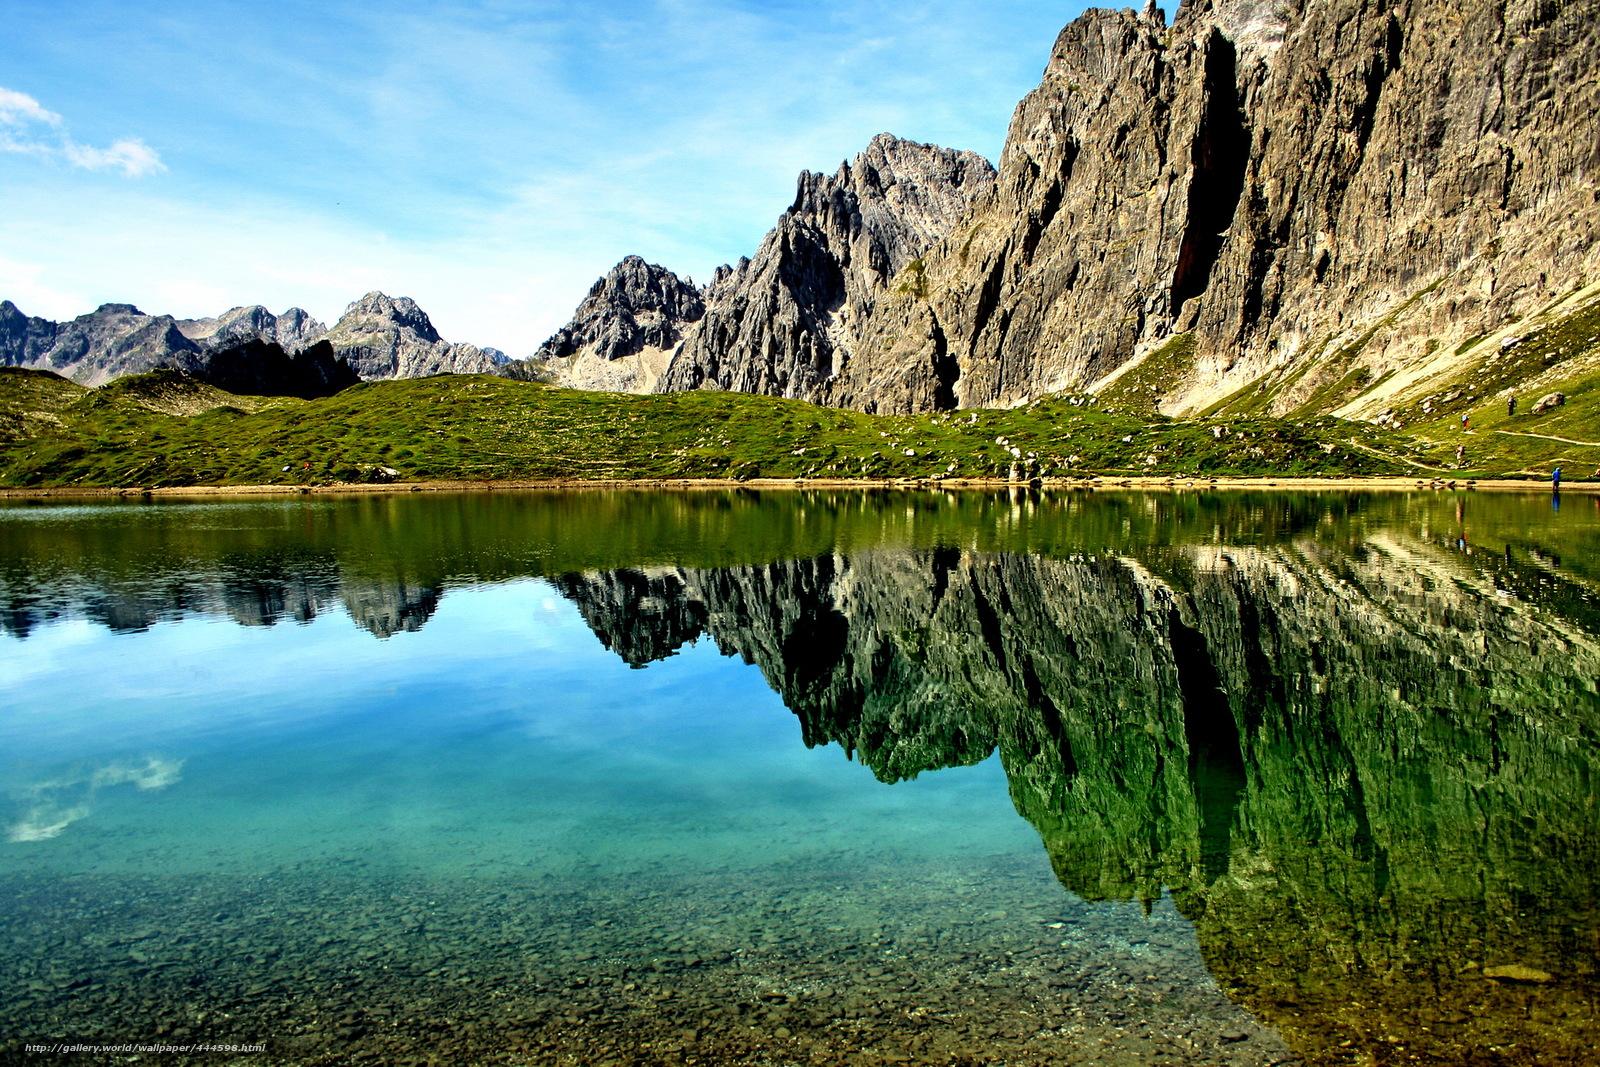 Скачать обои Австрия,  Тироль,  горы,  озеро бесплатно для рабочего стола в разрешении 2220x1480 — картинка №444598